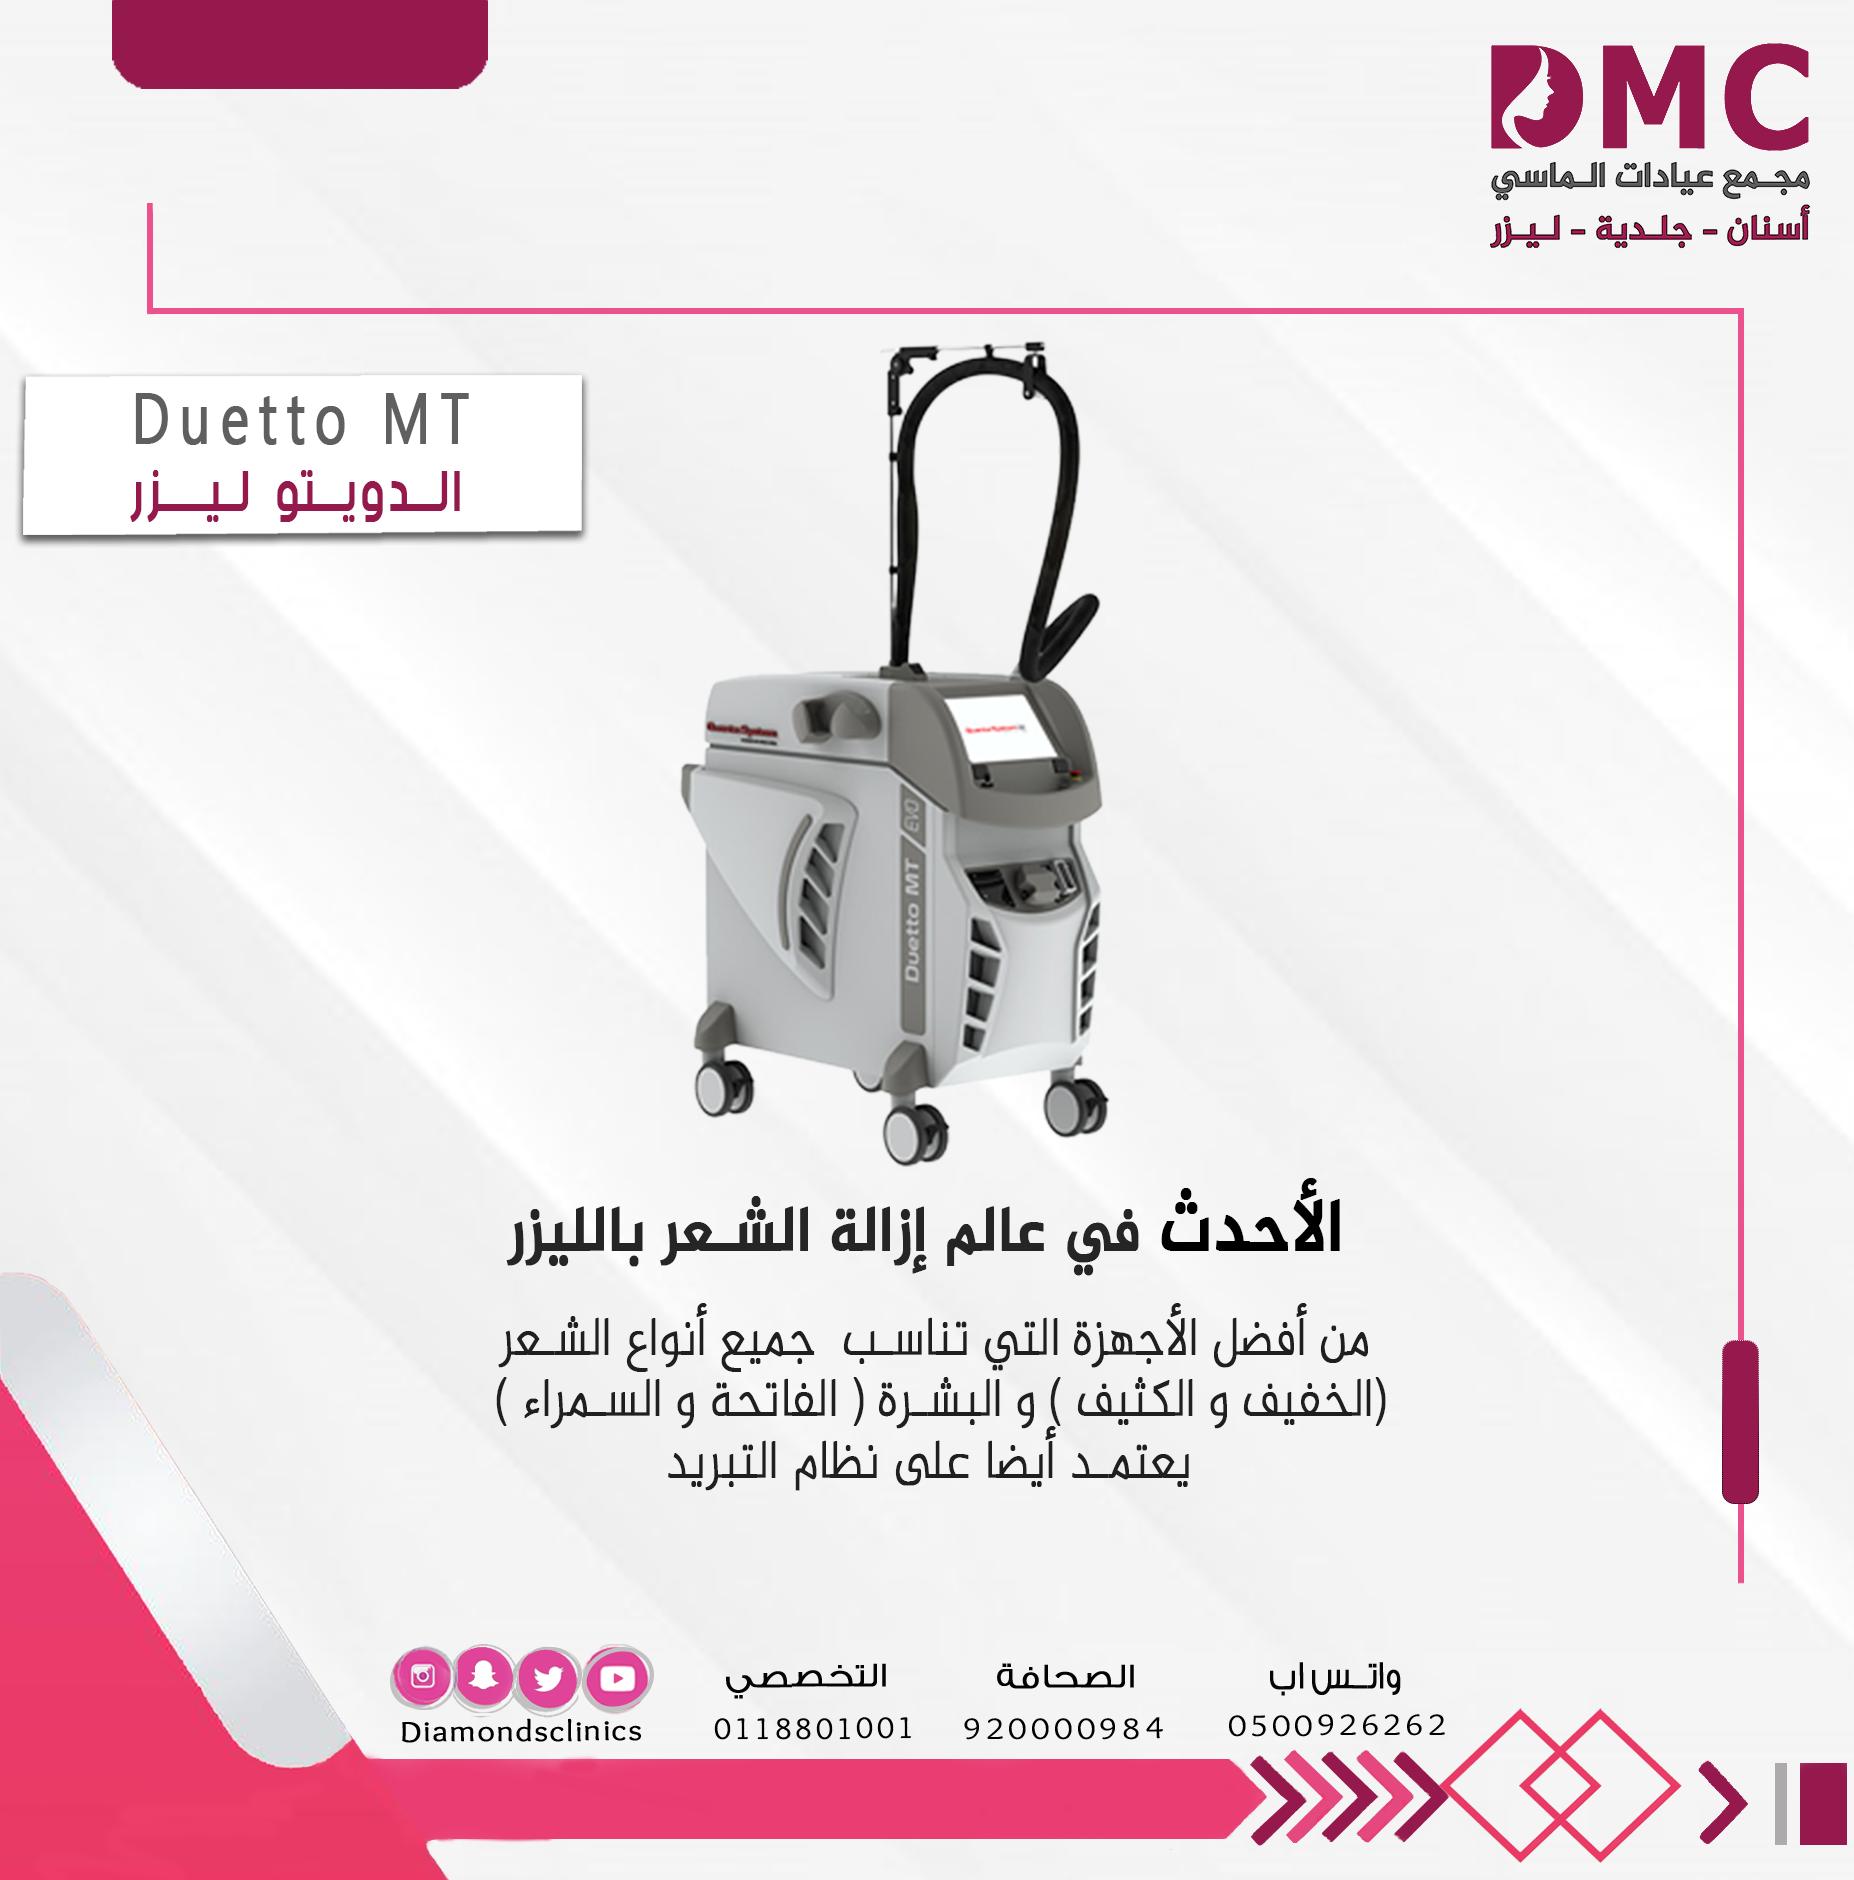 جهاز الدويتو ليزر Duetto من احدث التقنيات لازالة الشعر الطريقة الأسرع للتخلص من الشعر الزائد Vacuum Cleaner Home Appliances Vacuums